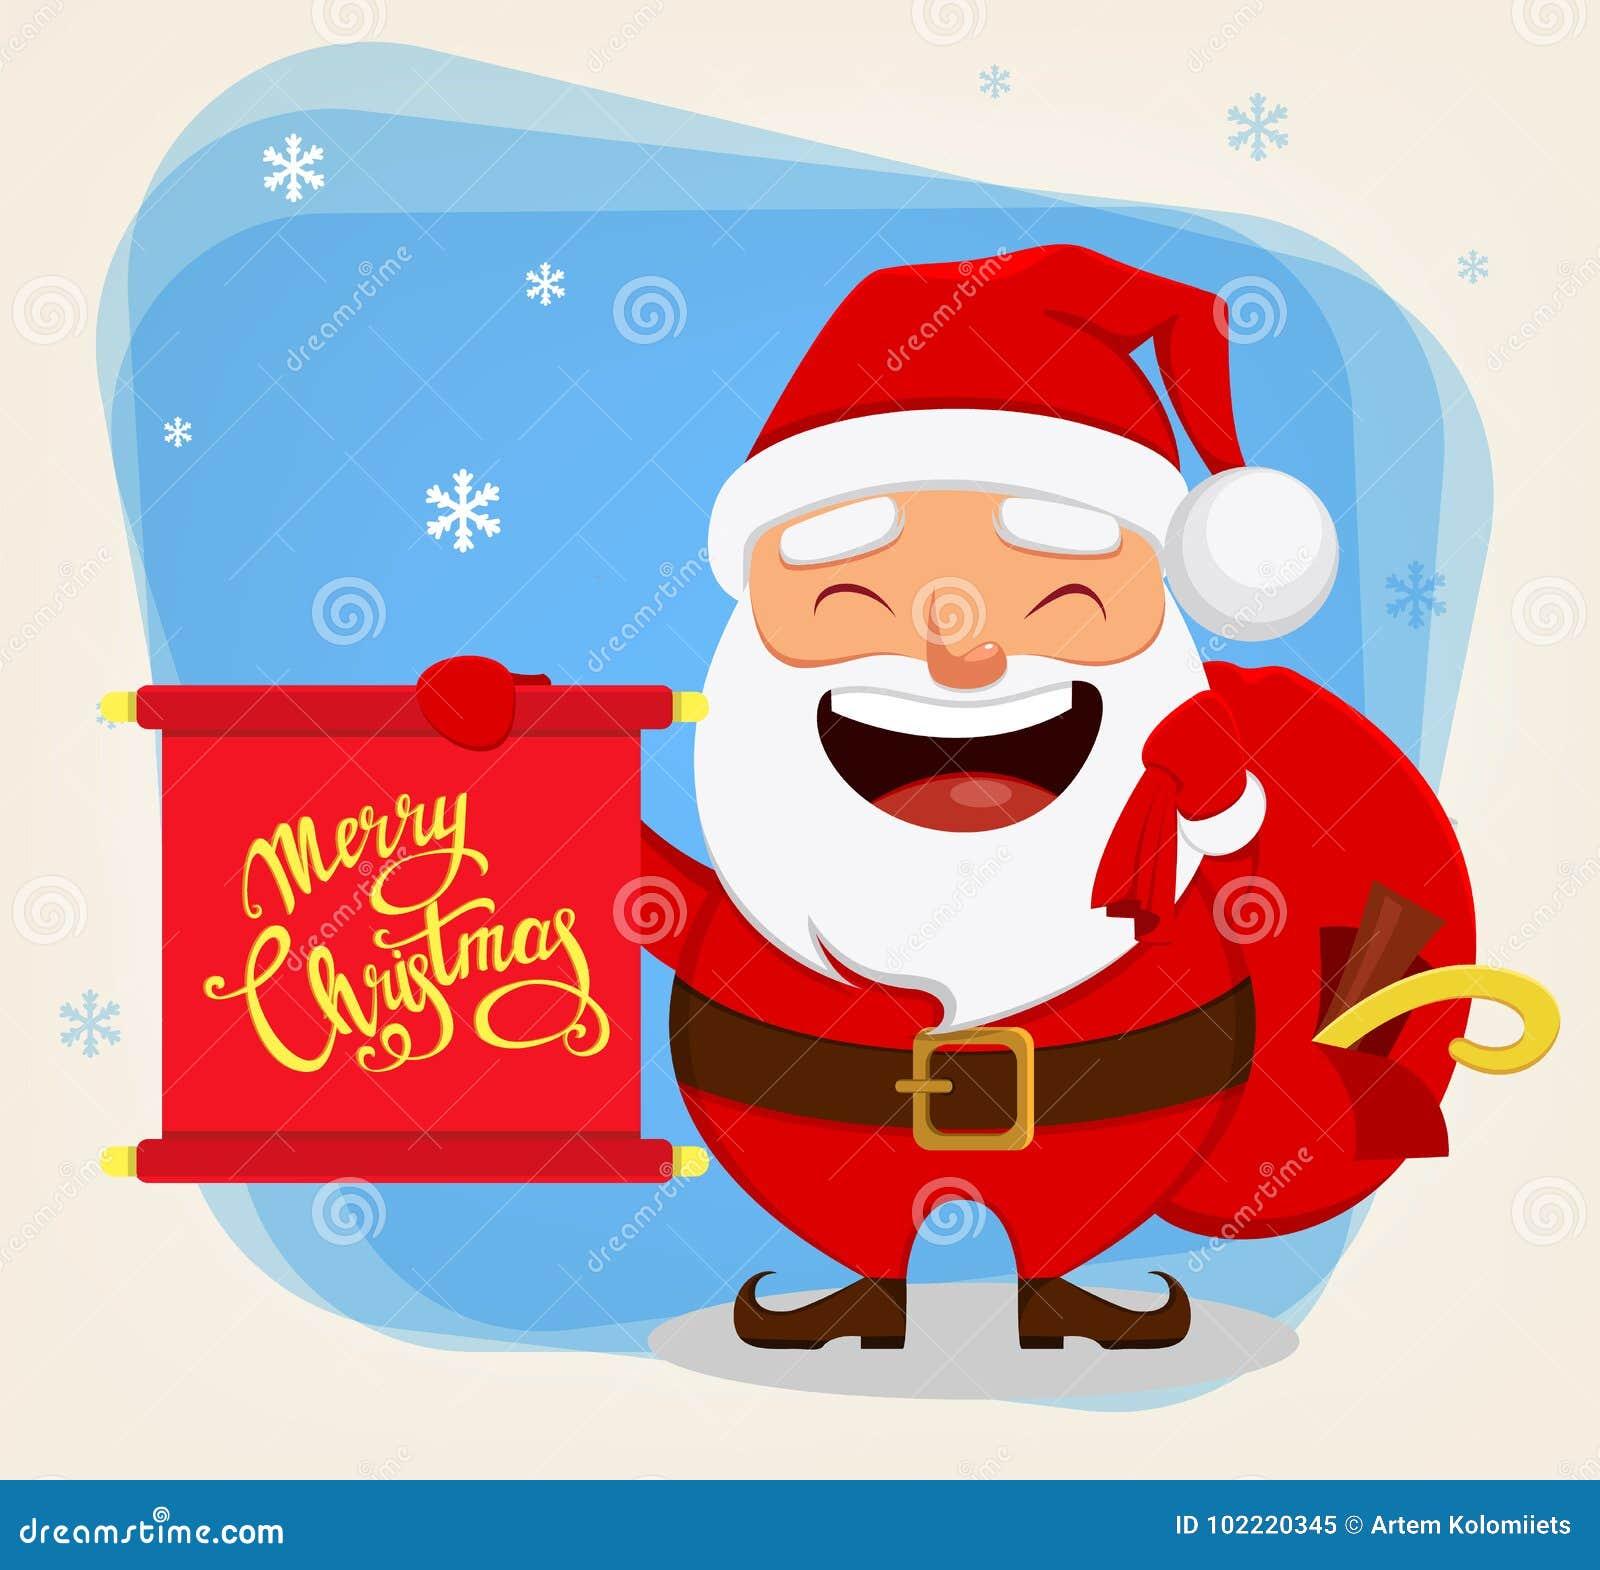 Imagenes De Papa Noel Animado.La Navidad Santa Claus Personaje De Dibujos Animados